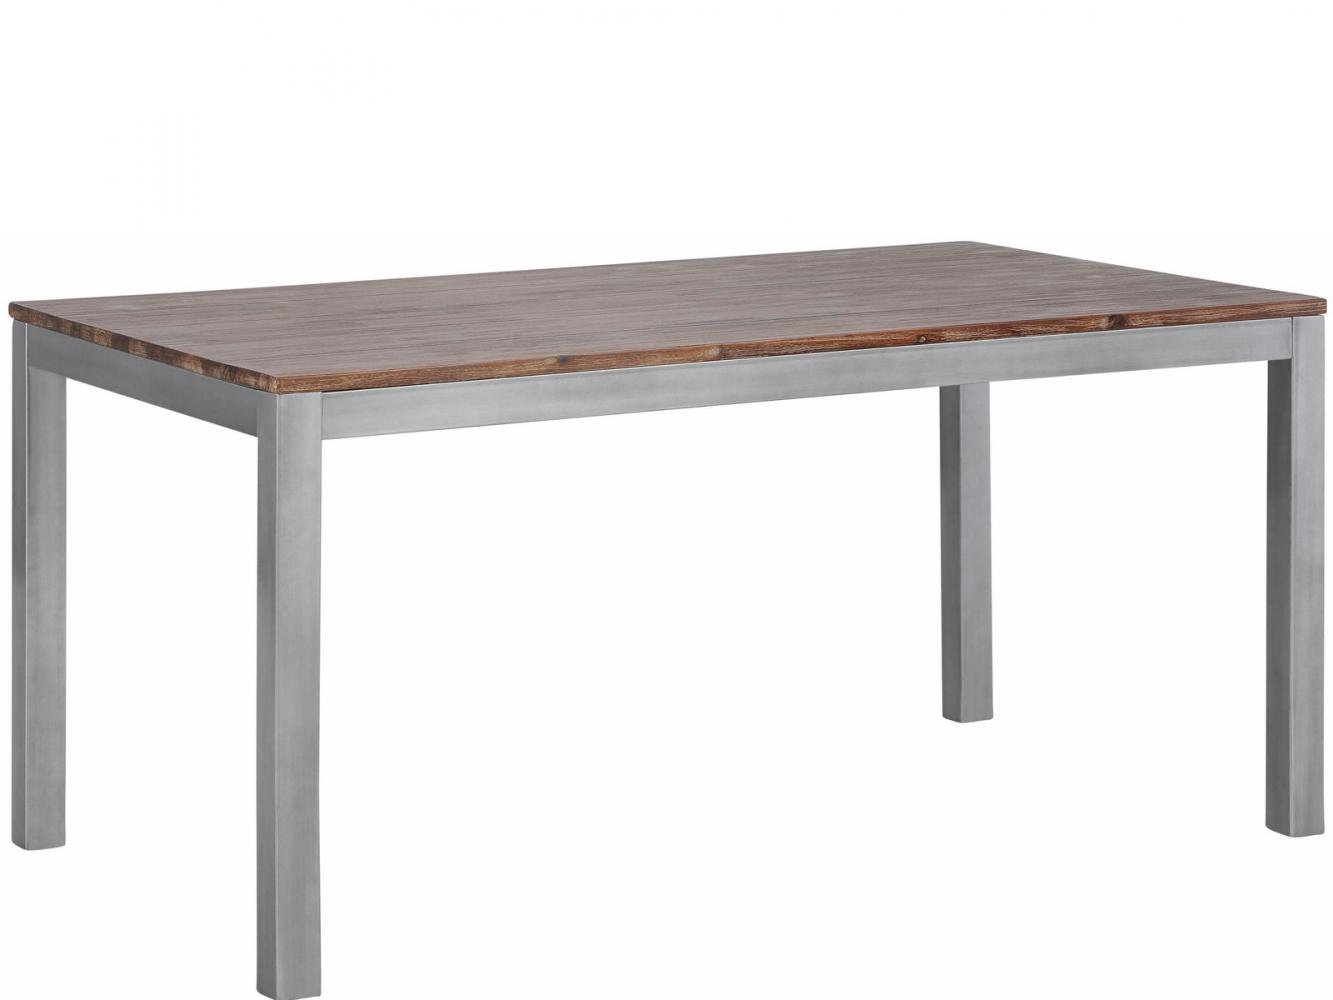 Jídelní stůl Conge, 200 cm, hnědá